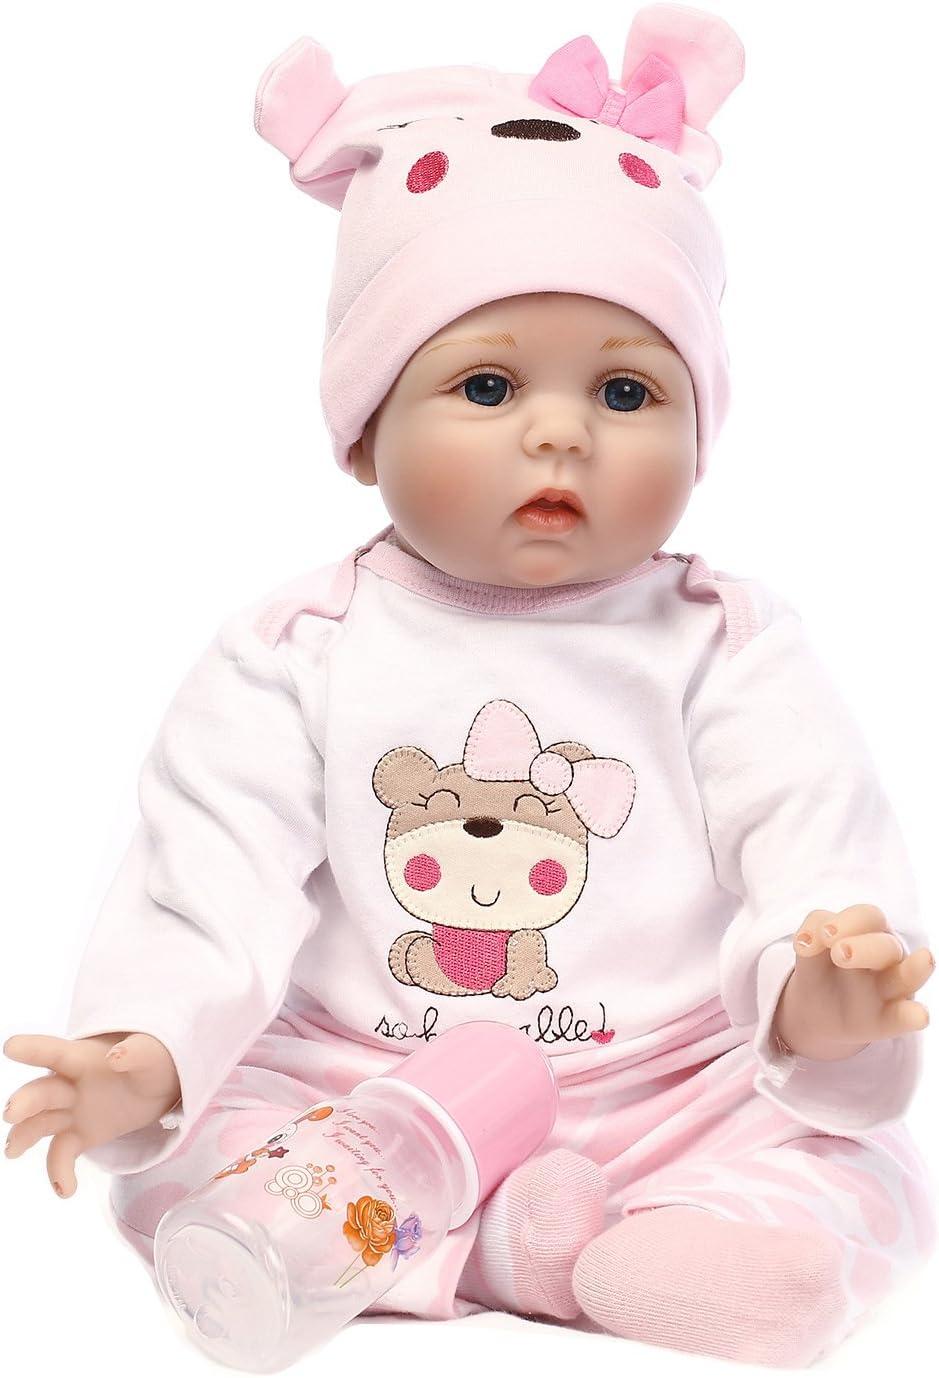 Secret Castle ピンクのスーツと赤ちゃんの人形のリアルな人形生まれ変わるユニセックスの赤ちゃんのブランケット55 cmのシミュレーション